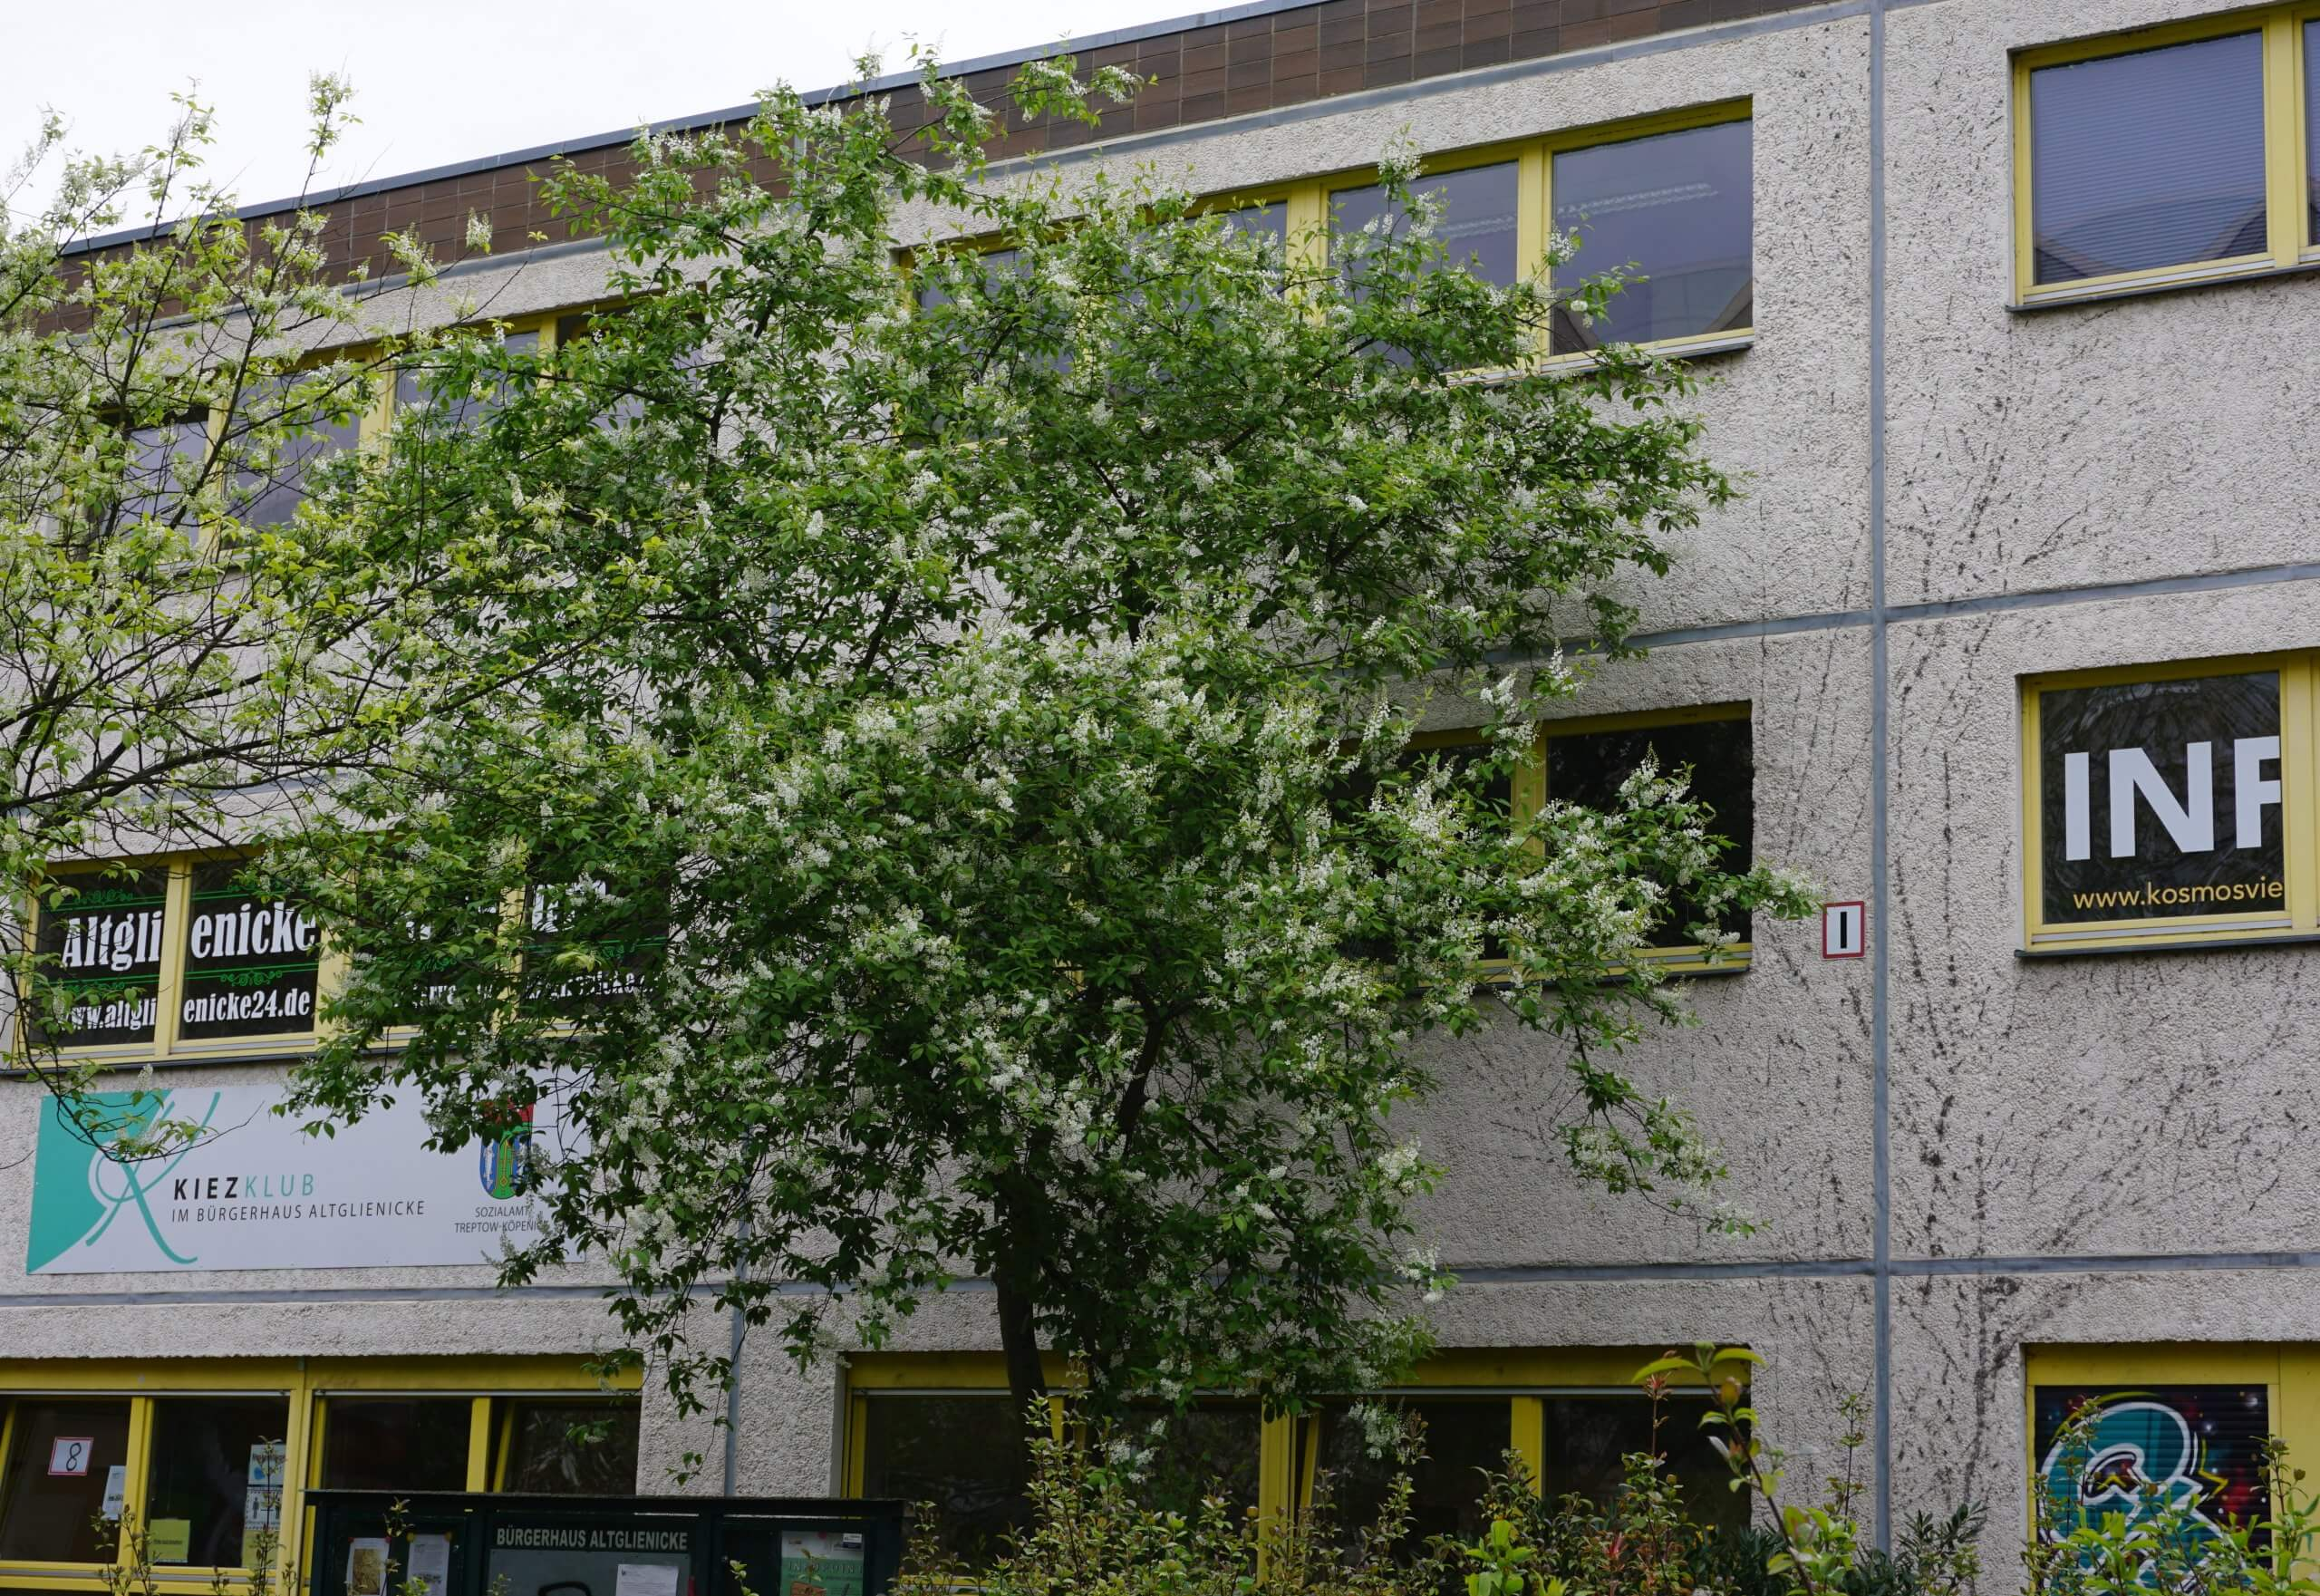 Das Bild zeigt eine blühende Gewöhnliche Traubenkirsche Anfang Mai 2021 vor der Fassade des Bürgerhauses im Kosmosviertel in Altglienicke-Süd.